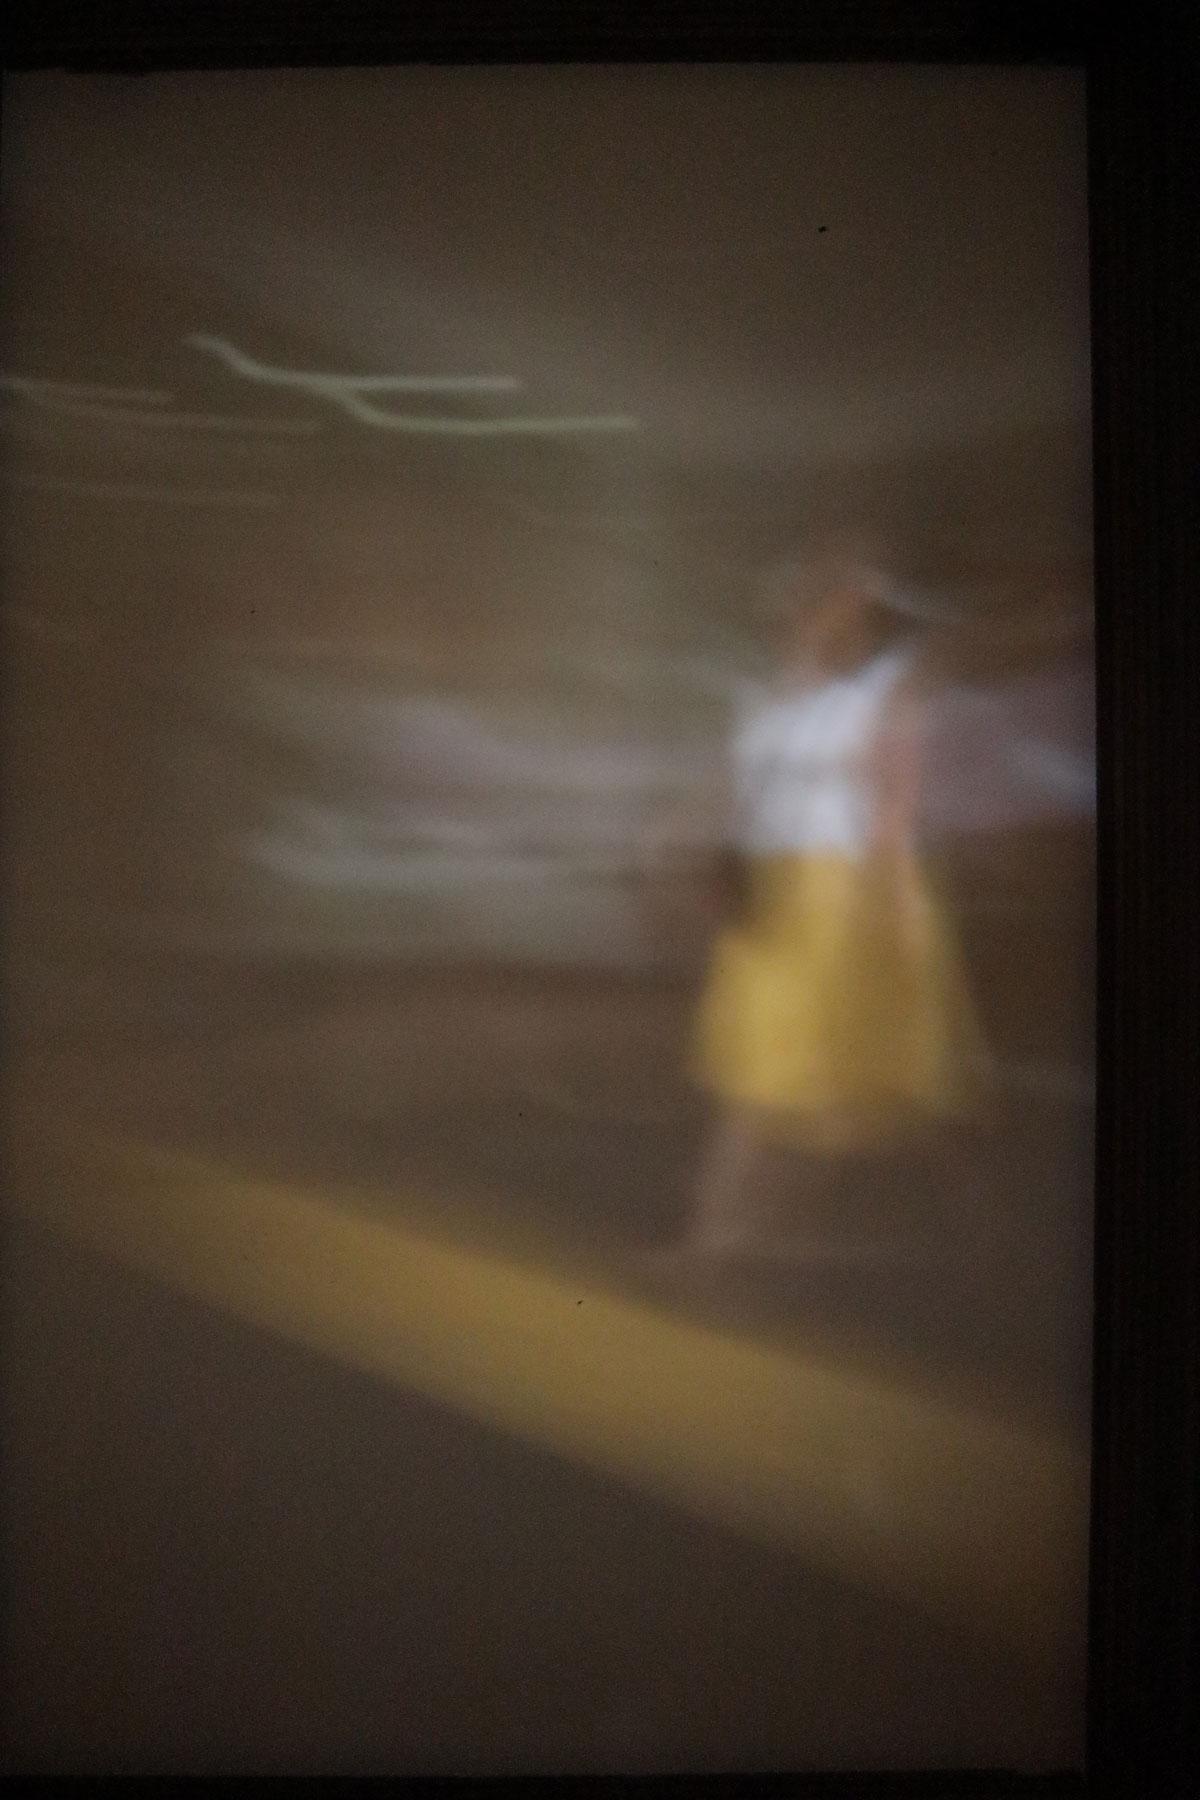 23 | new zealand series | 2020 | Camera Obscura | Pigmentdruck auf Alu-Dibond